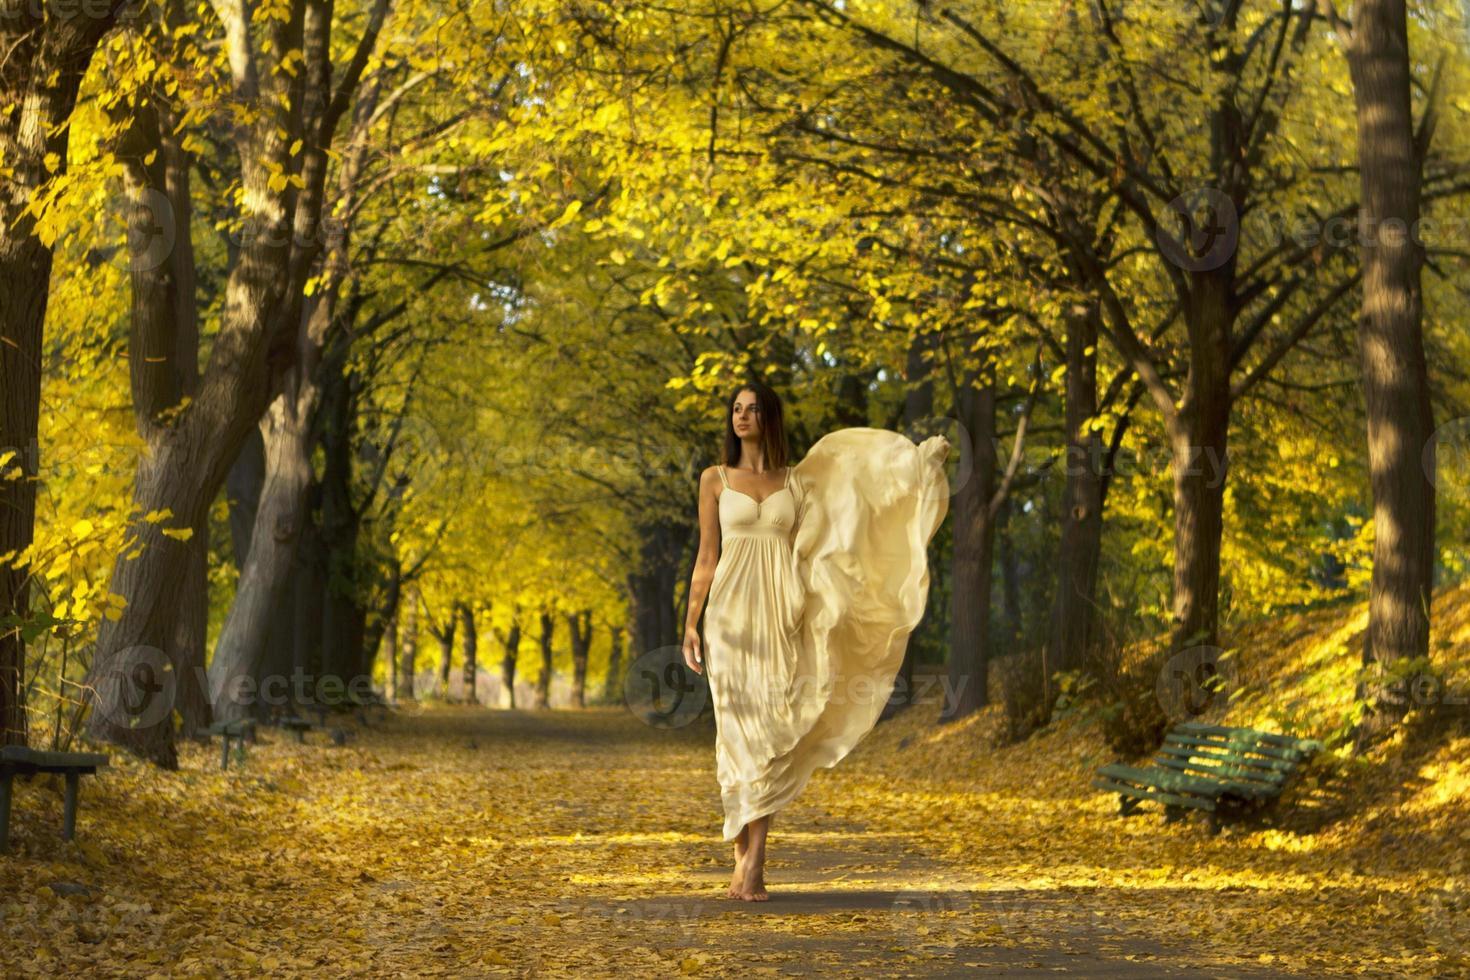 femme marche dans le parc en automne. photo